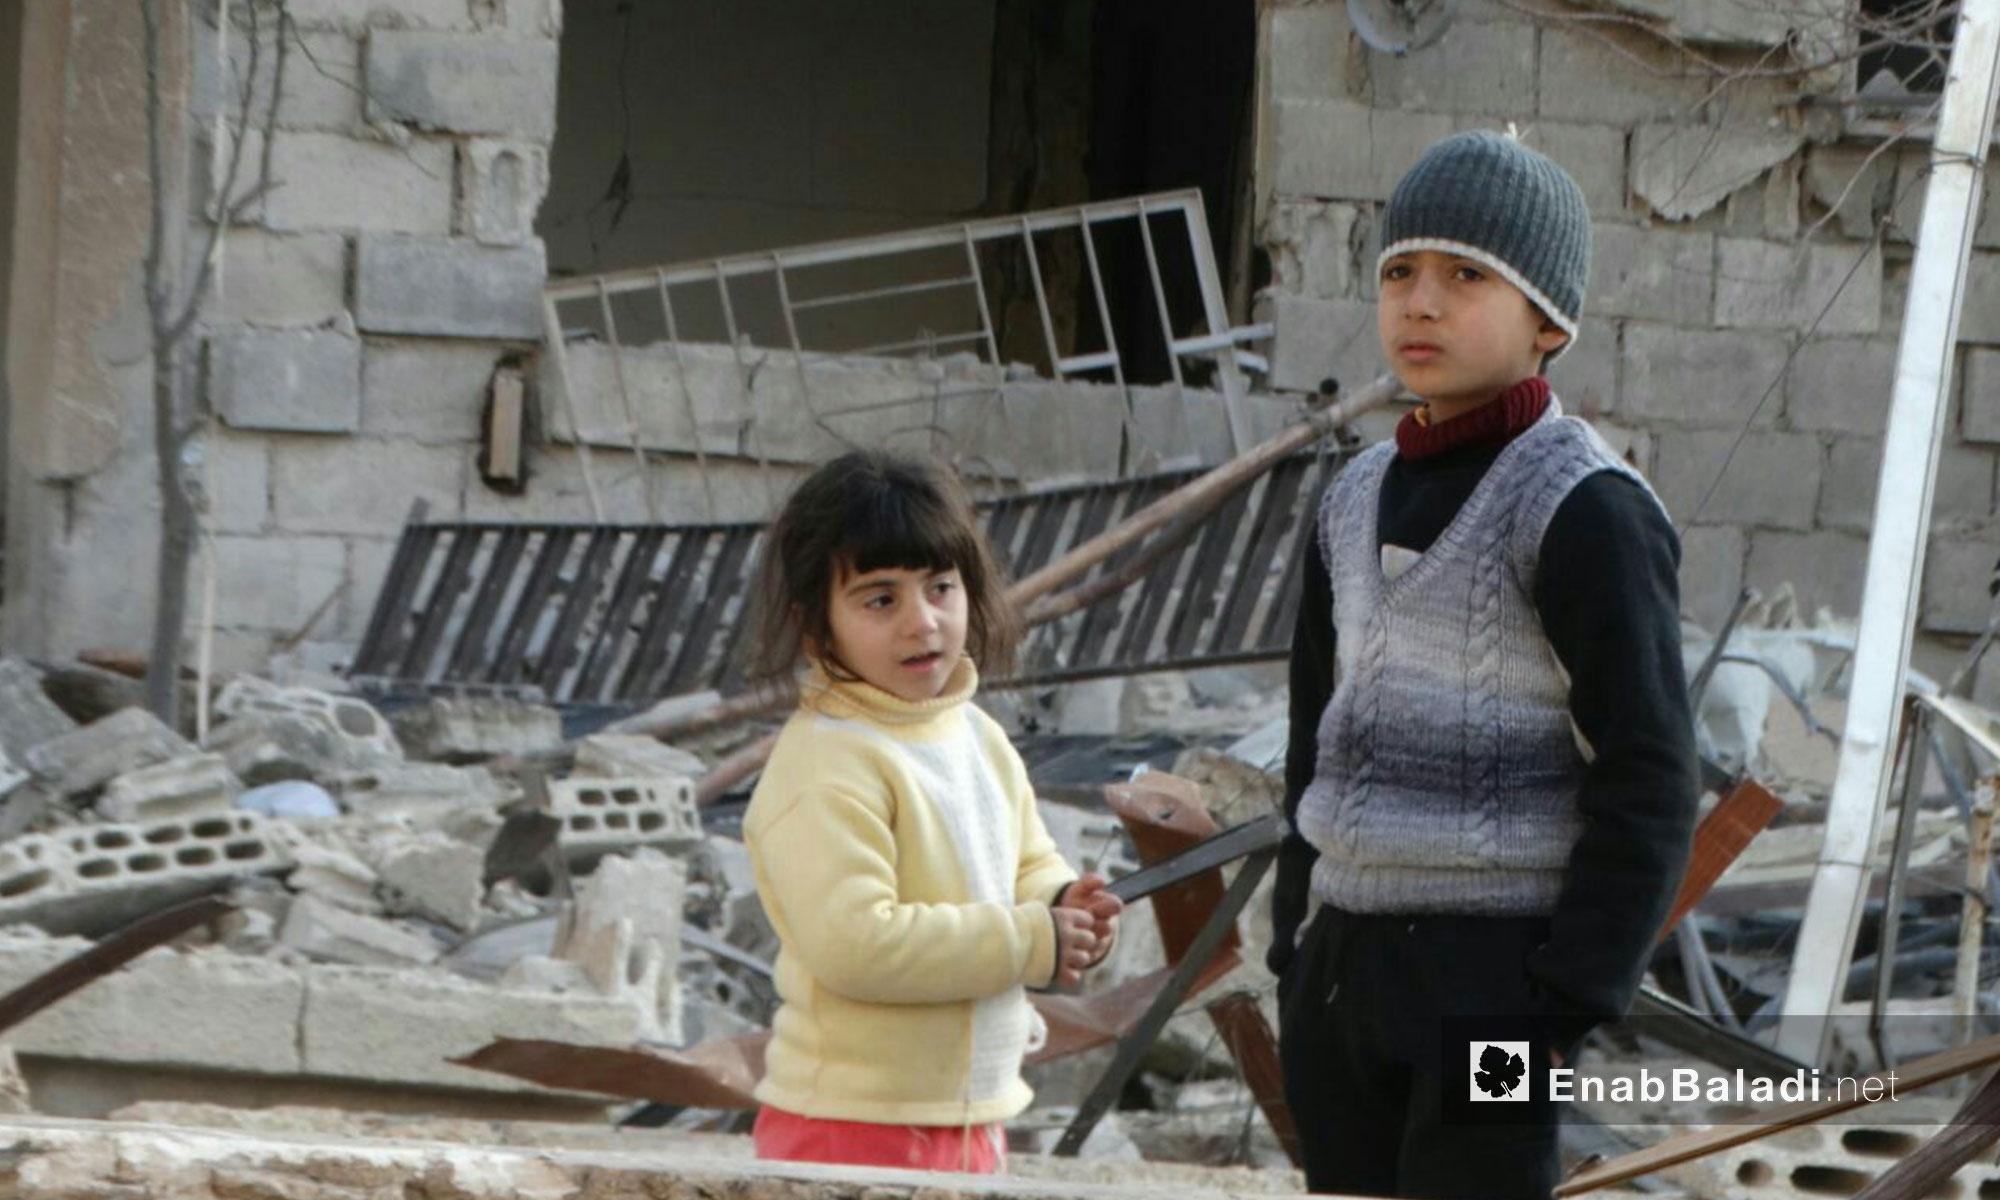 أطفال حي الوعر في حمص يشاهدون ما حلَ بمنازلهم - 9 شباط 2017 (عنب بلدي)